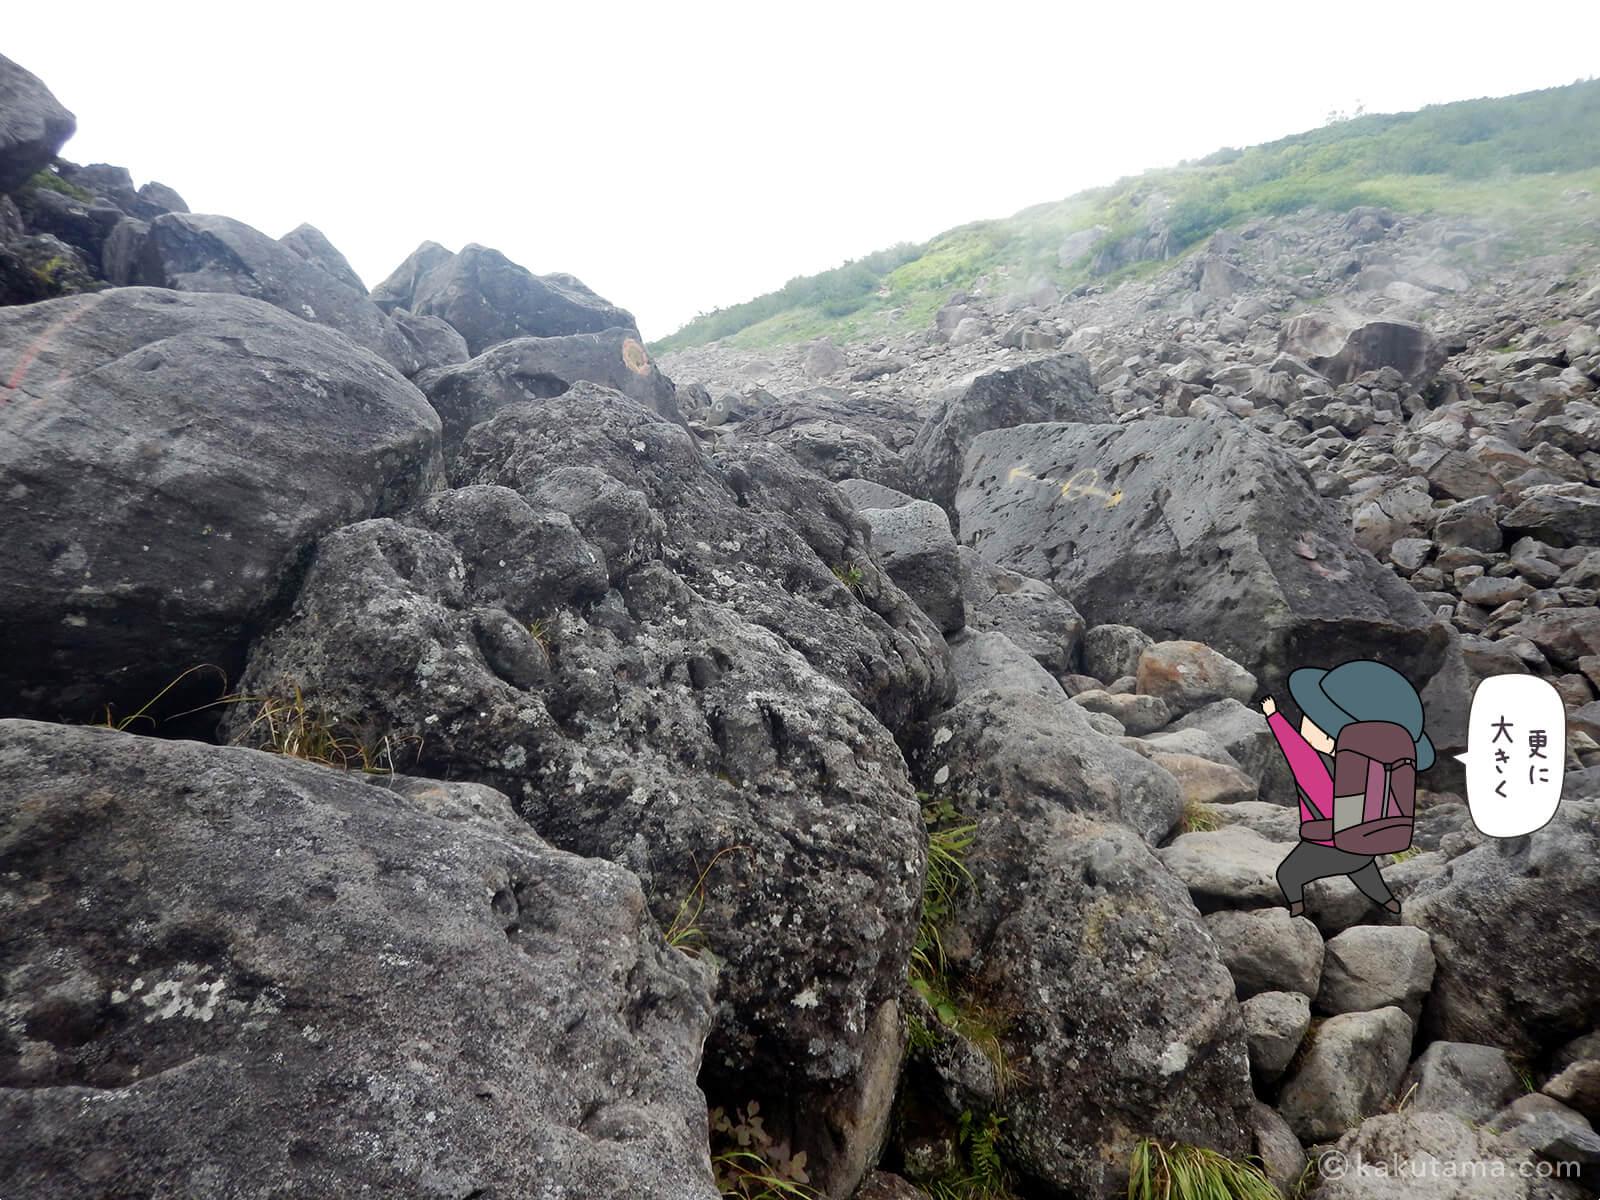 ひたすら岩場を登る3